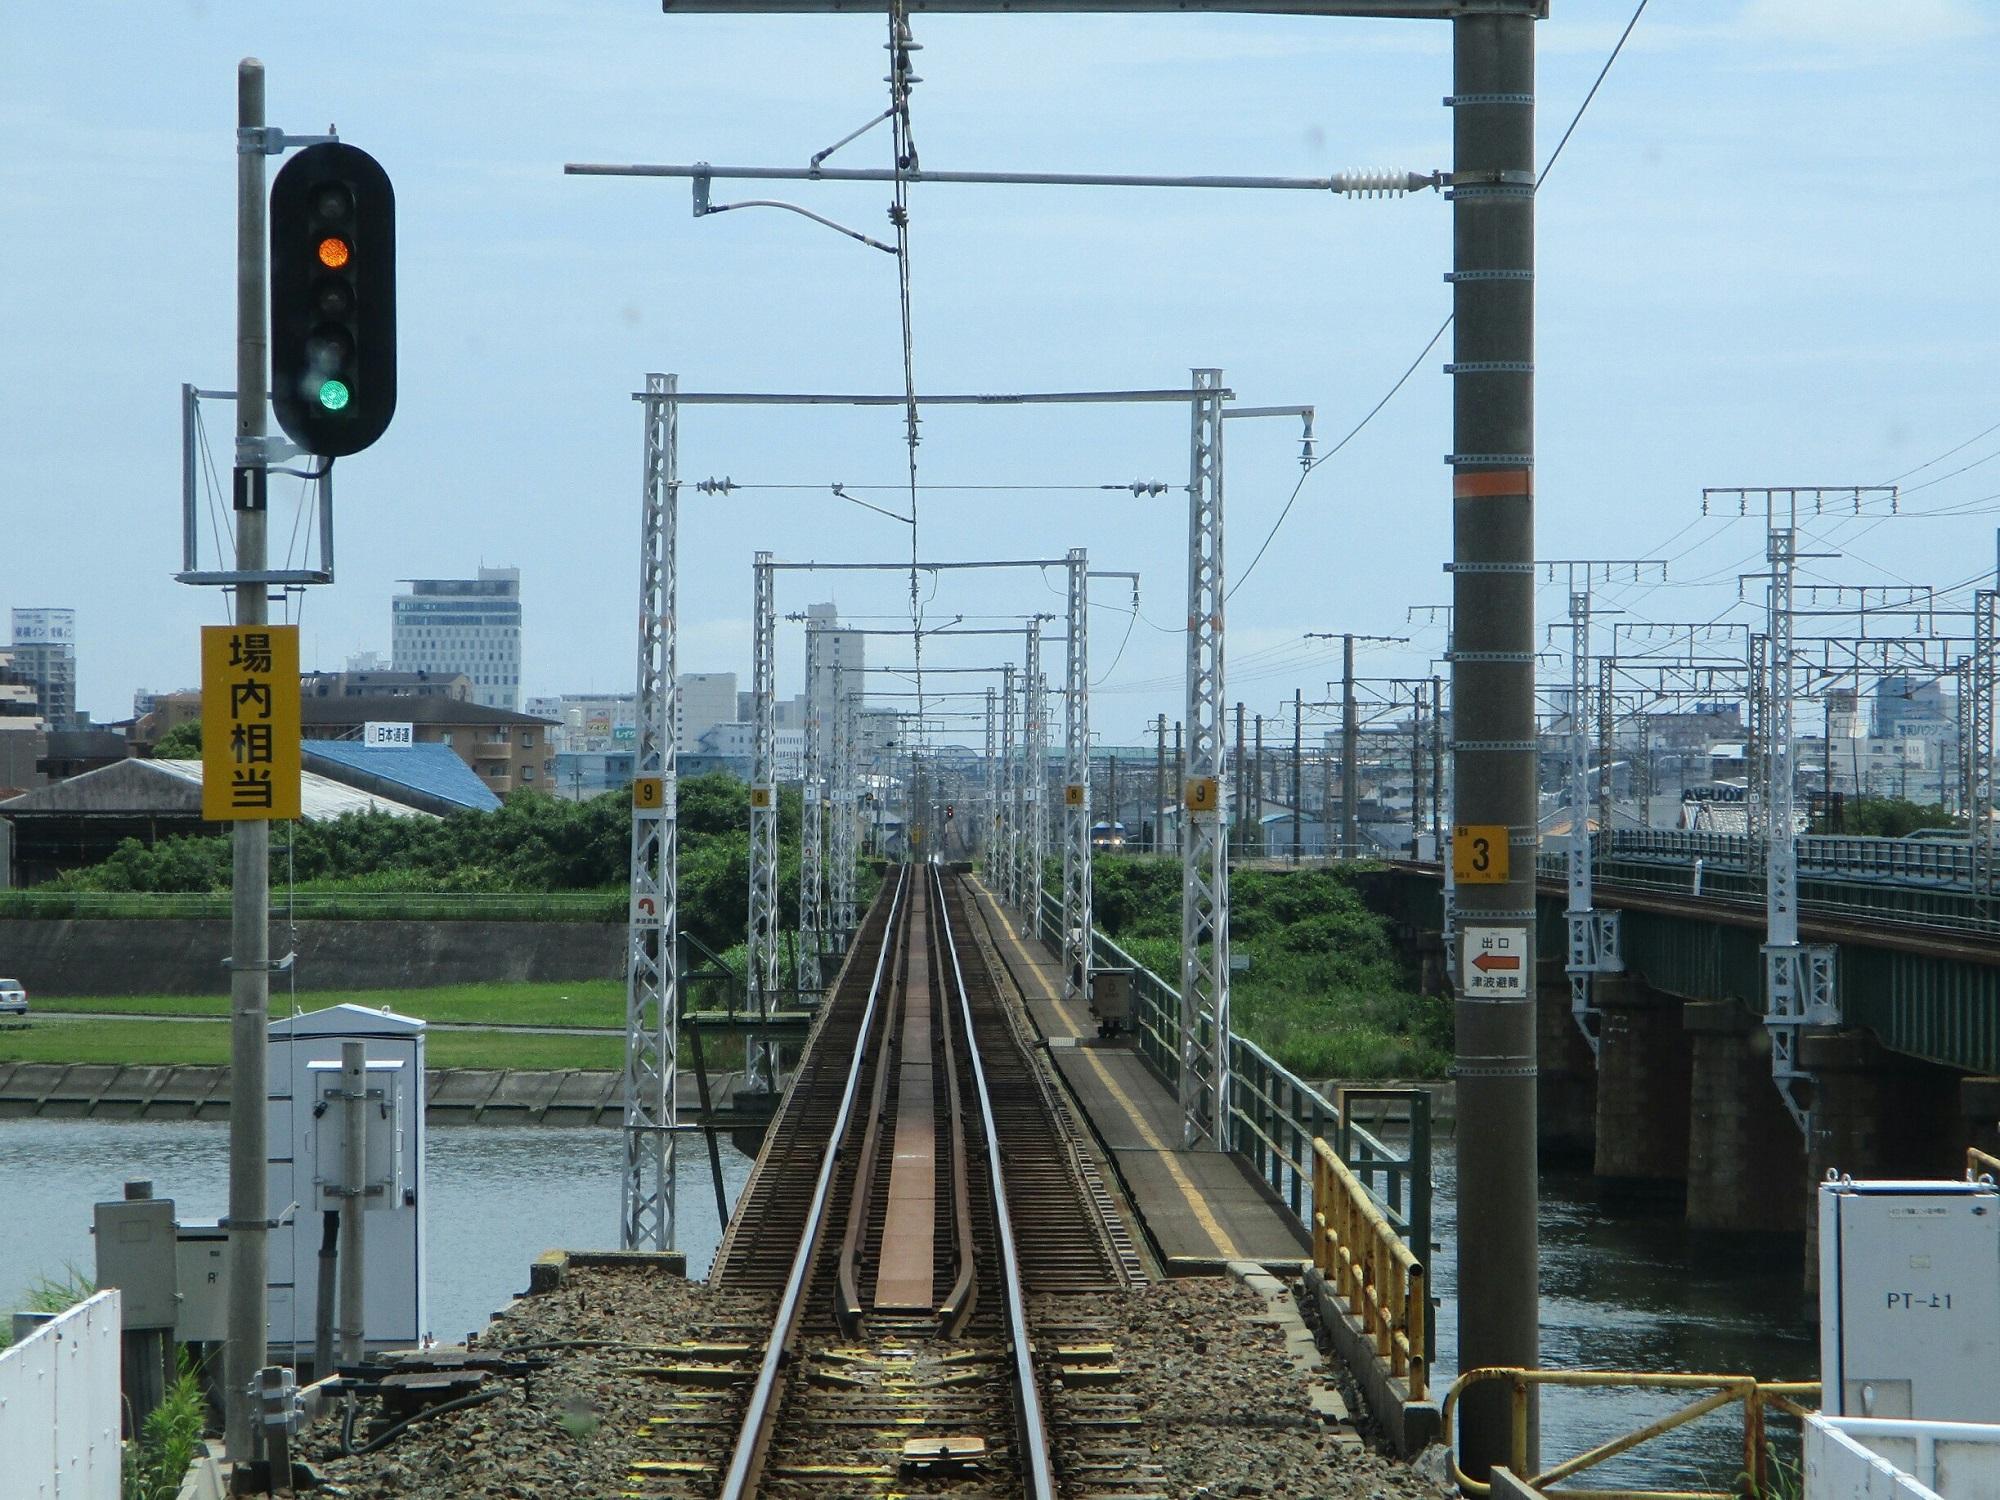 2018.6.19 (49) 豊橋いき急行 - 豊川(とよがわ)をわたる 2000-1500